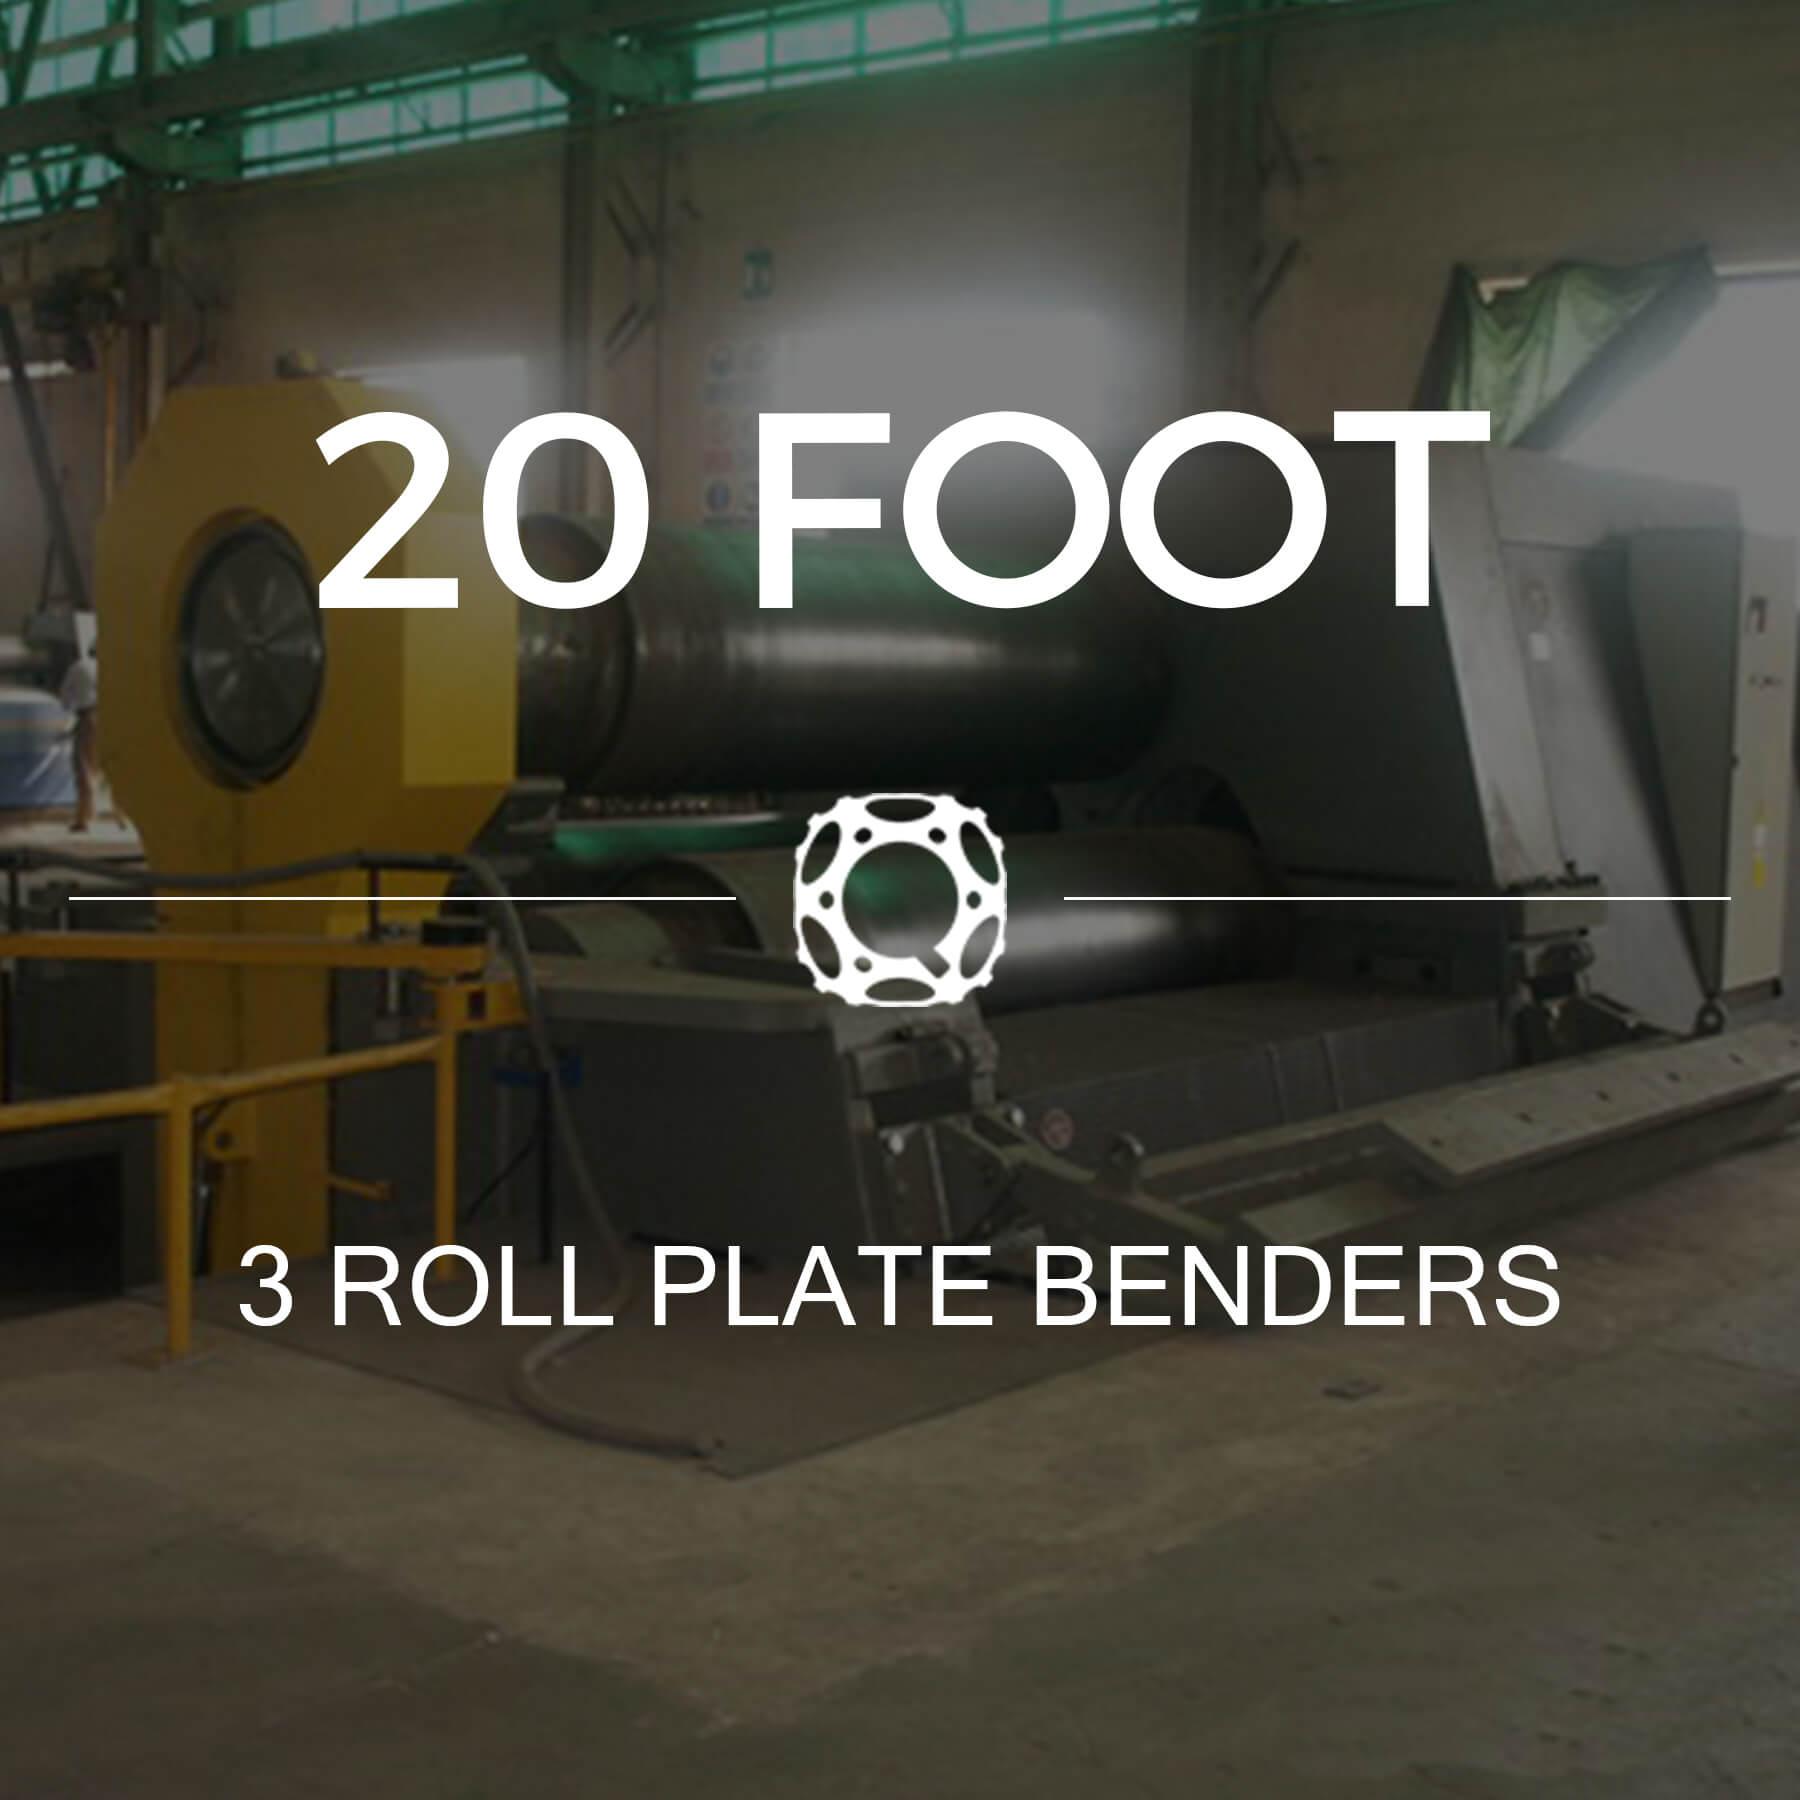 20 Foot - 3 Roll Plate Benders (1).jpg